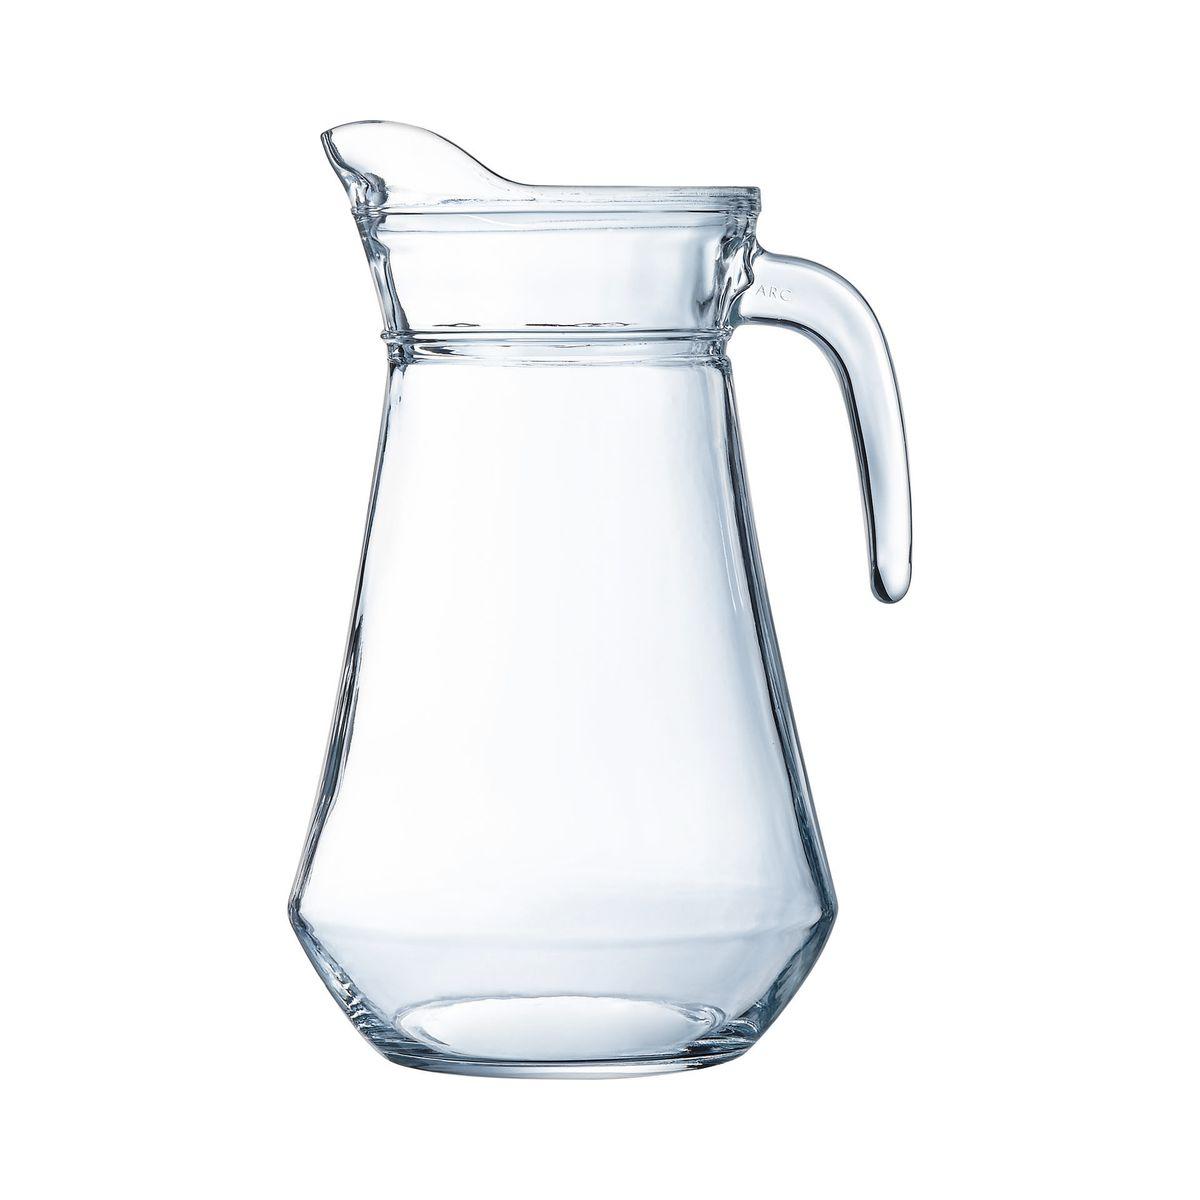 Broc en verre avec bec verseur et poignée 1,6L